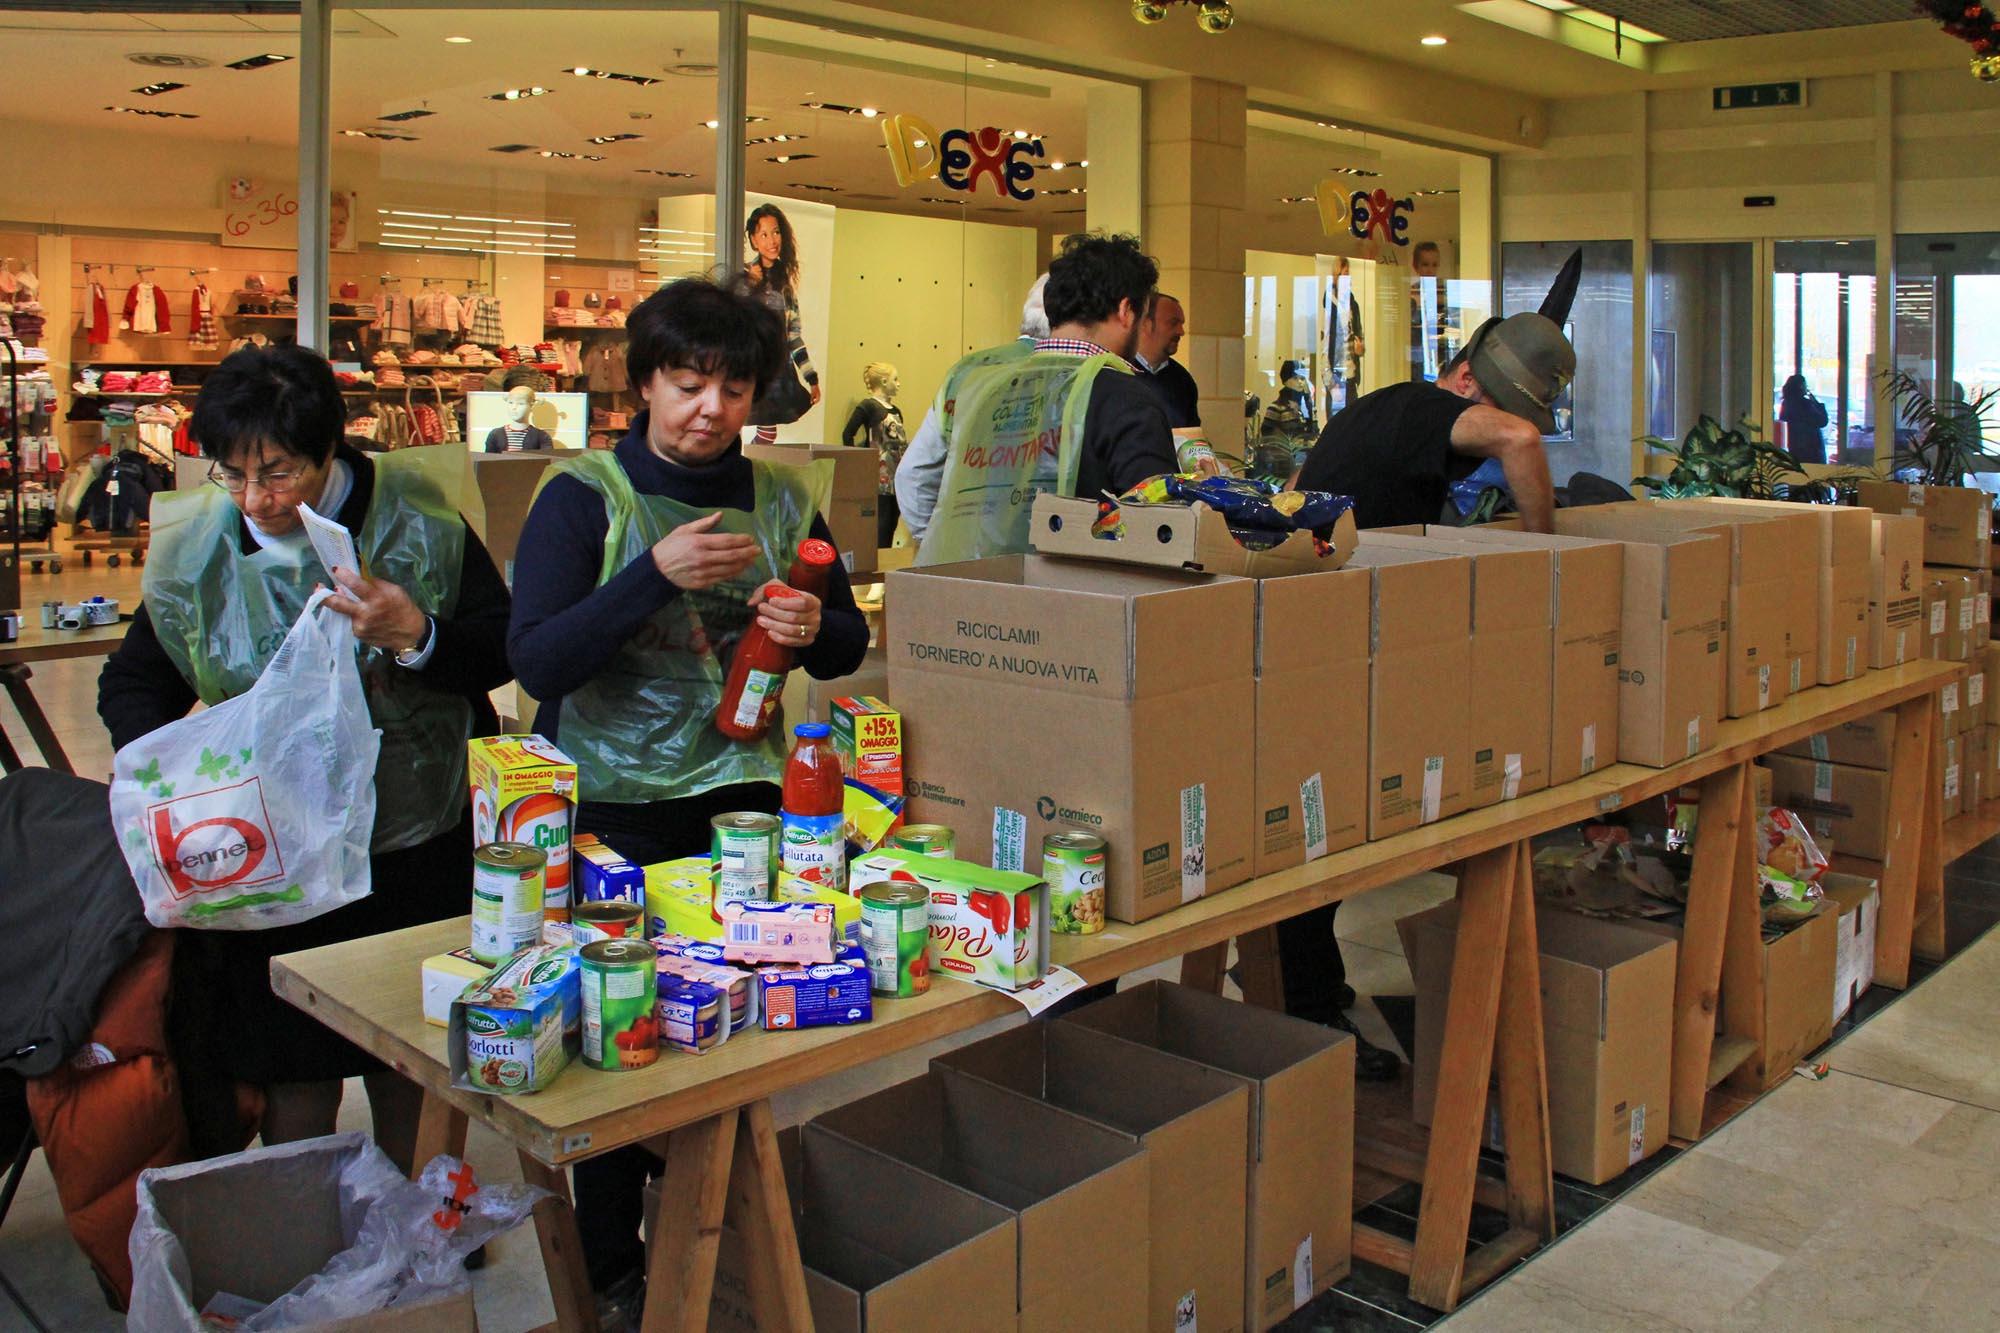 0613 Raccolta generi alimentari supermercati 1 - Banco alimentare di Biella